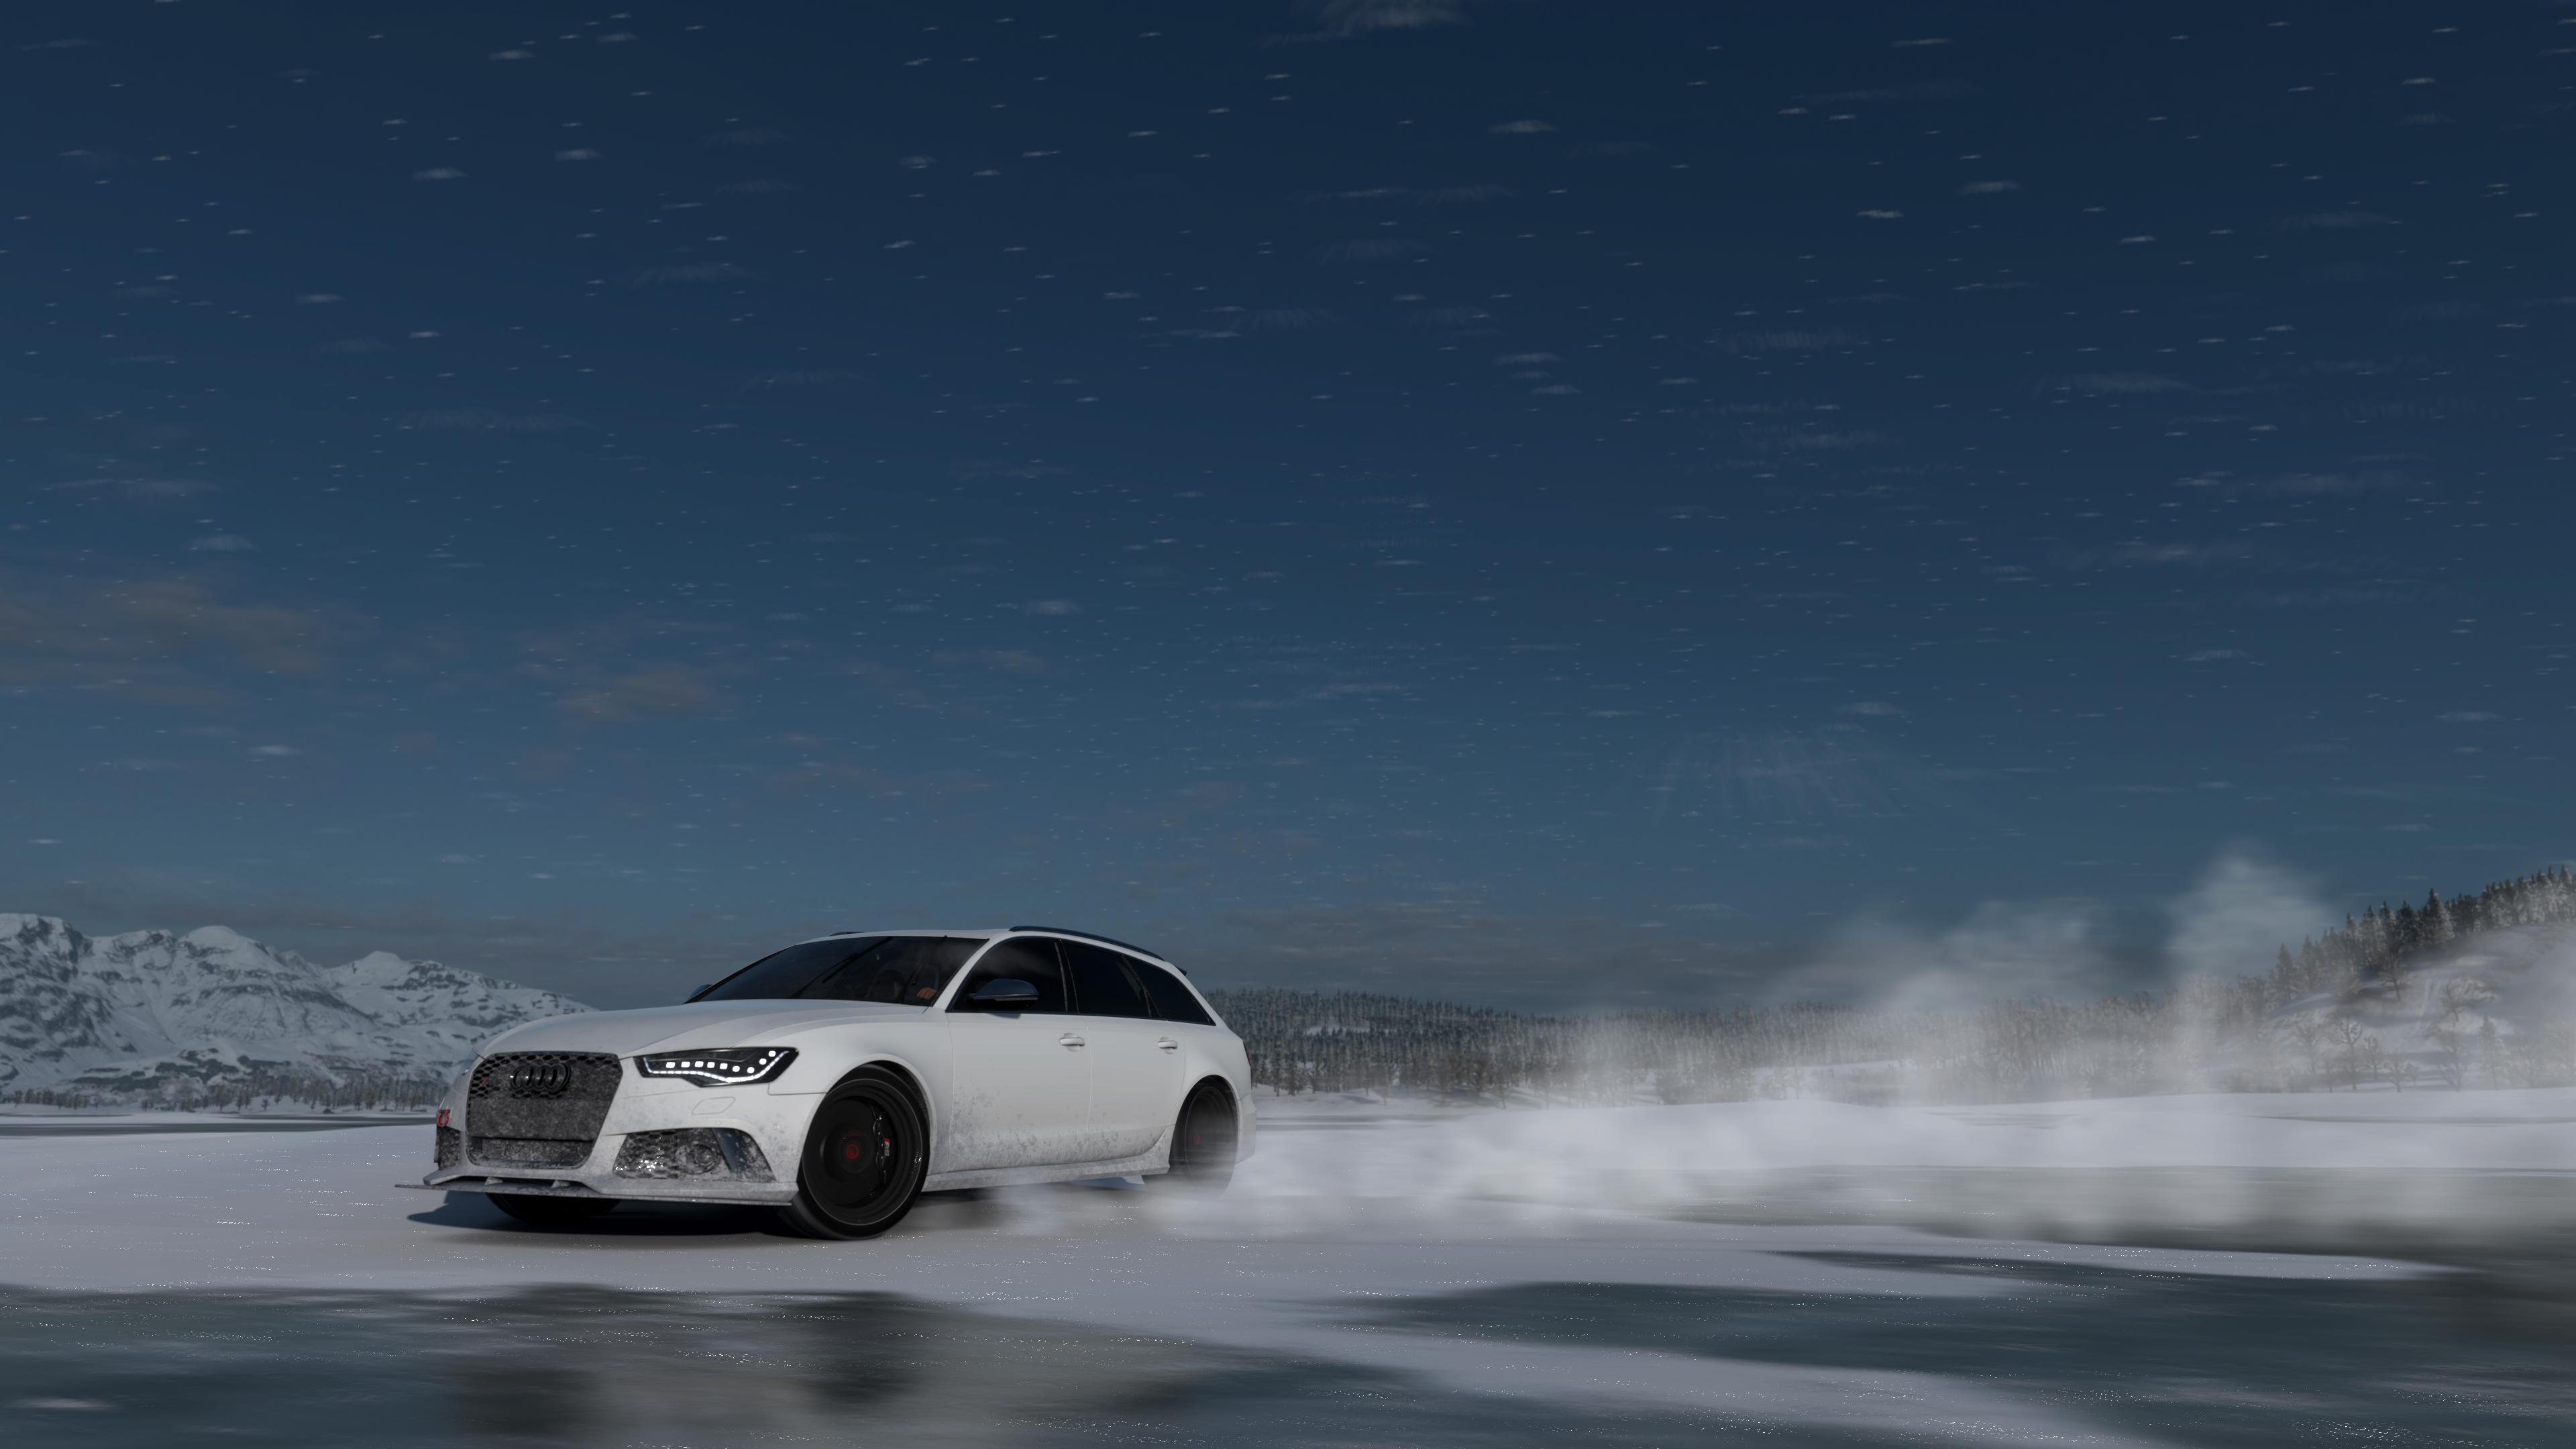 Hình nền : Forza Horizon 4, Forza Games, trò chơi điện tử